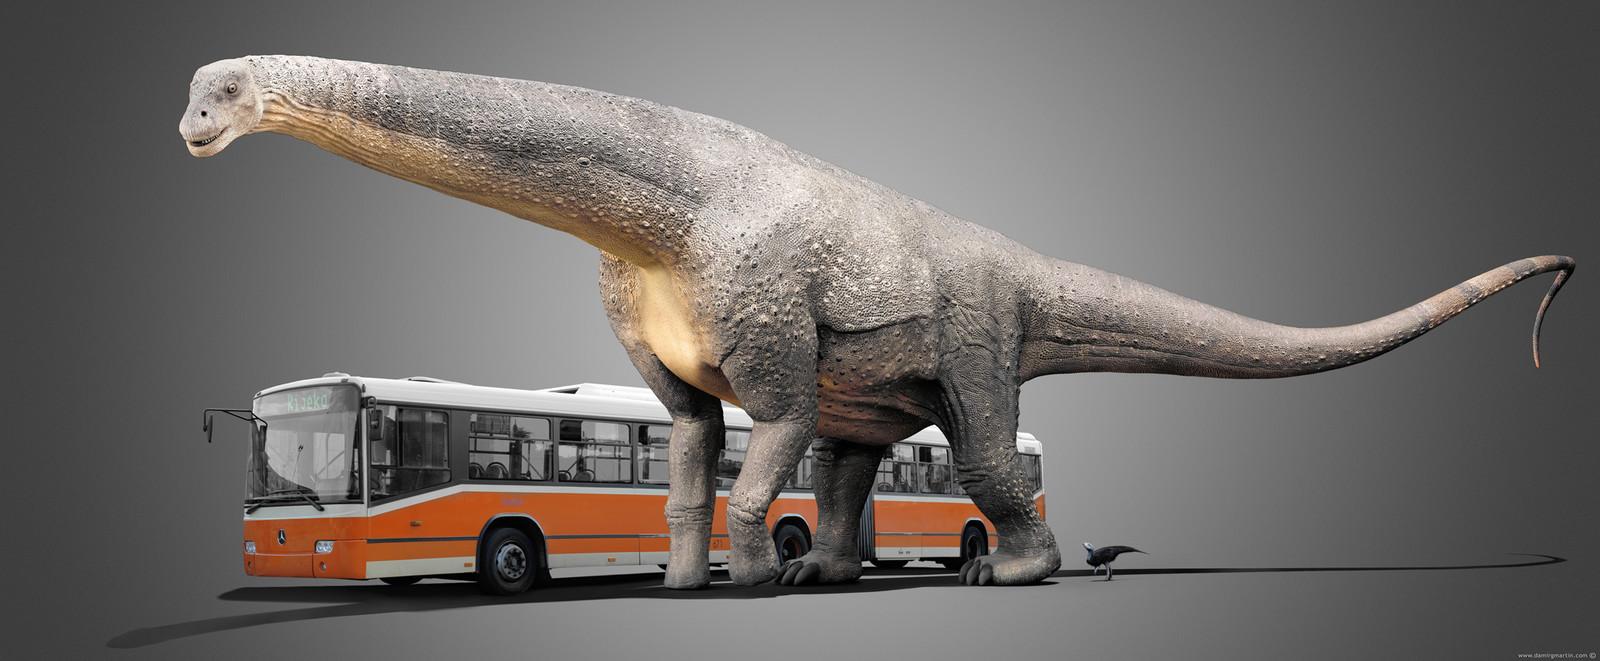 Argentinosaurus vs Bus